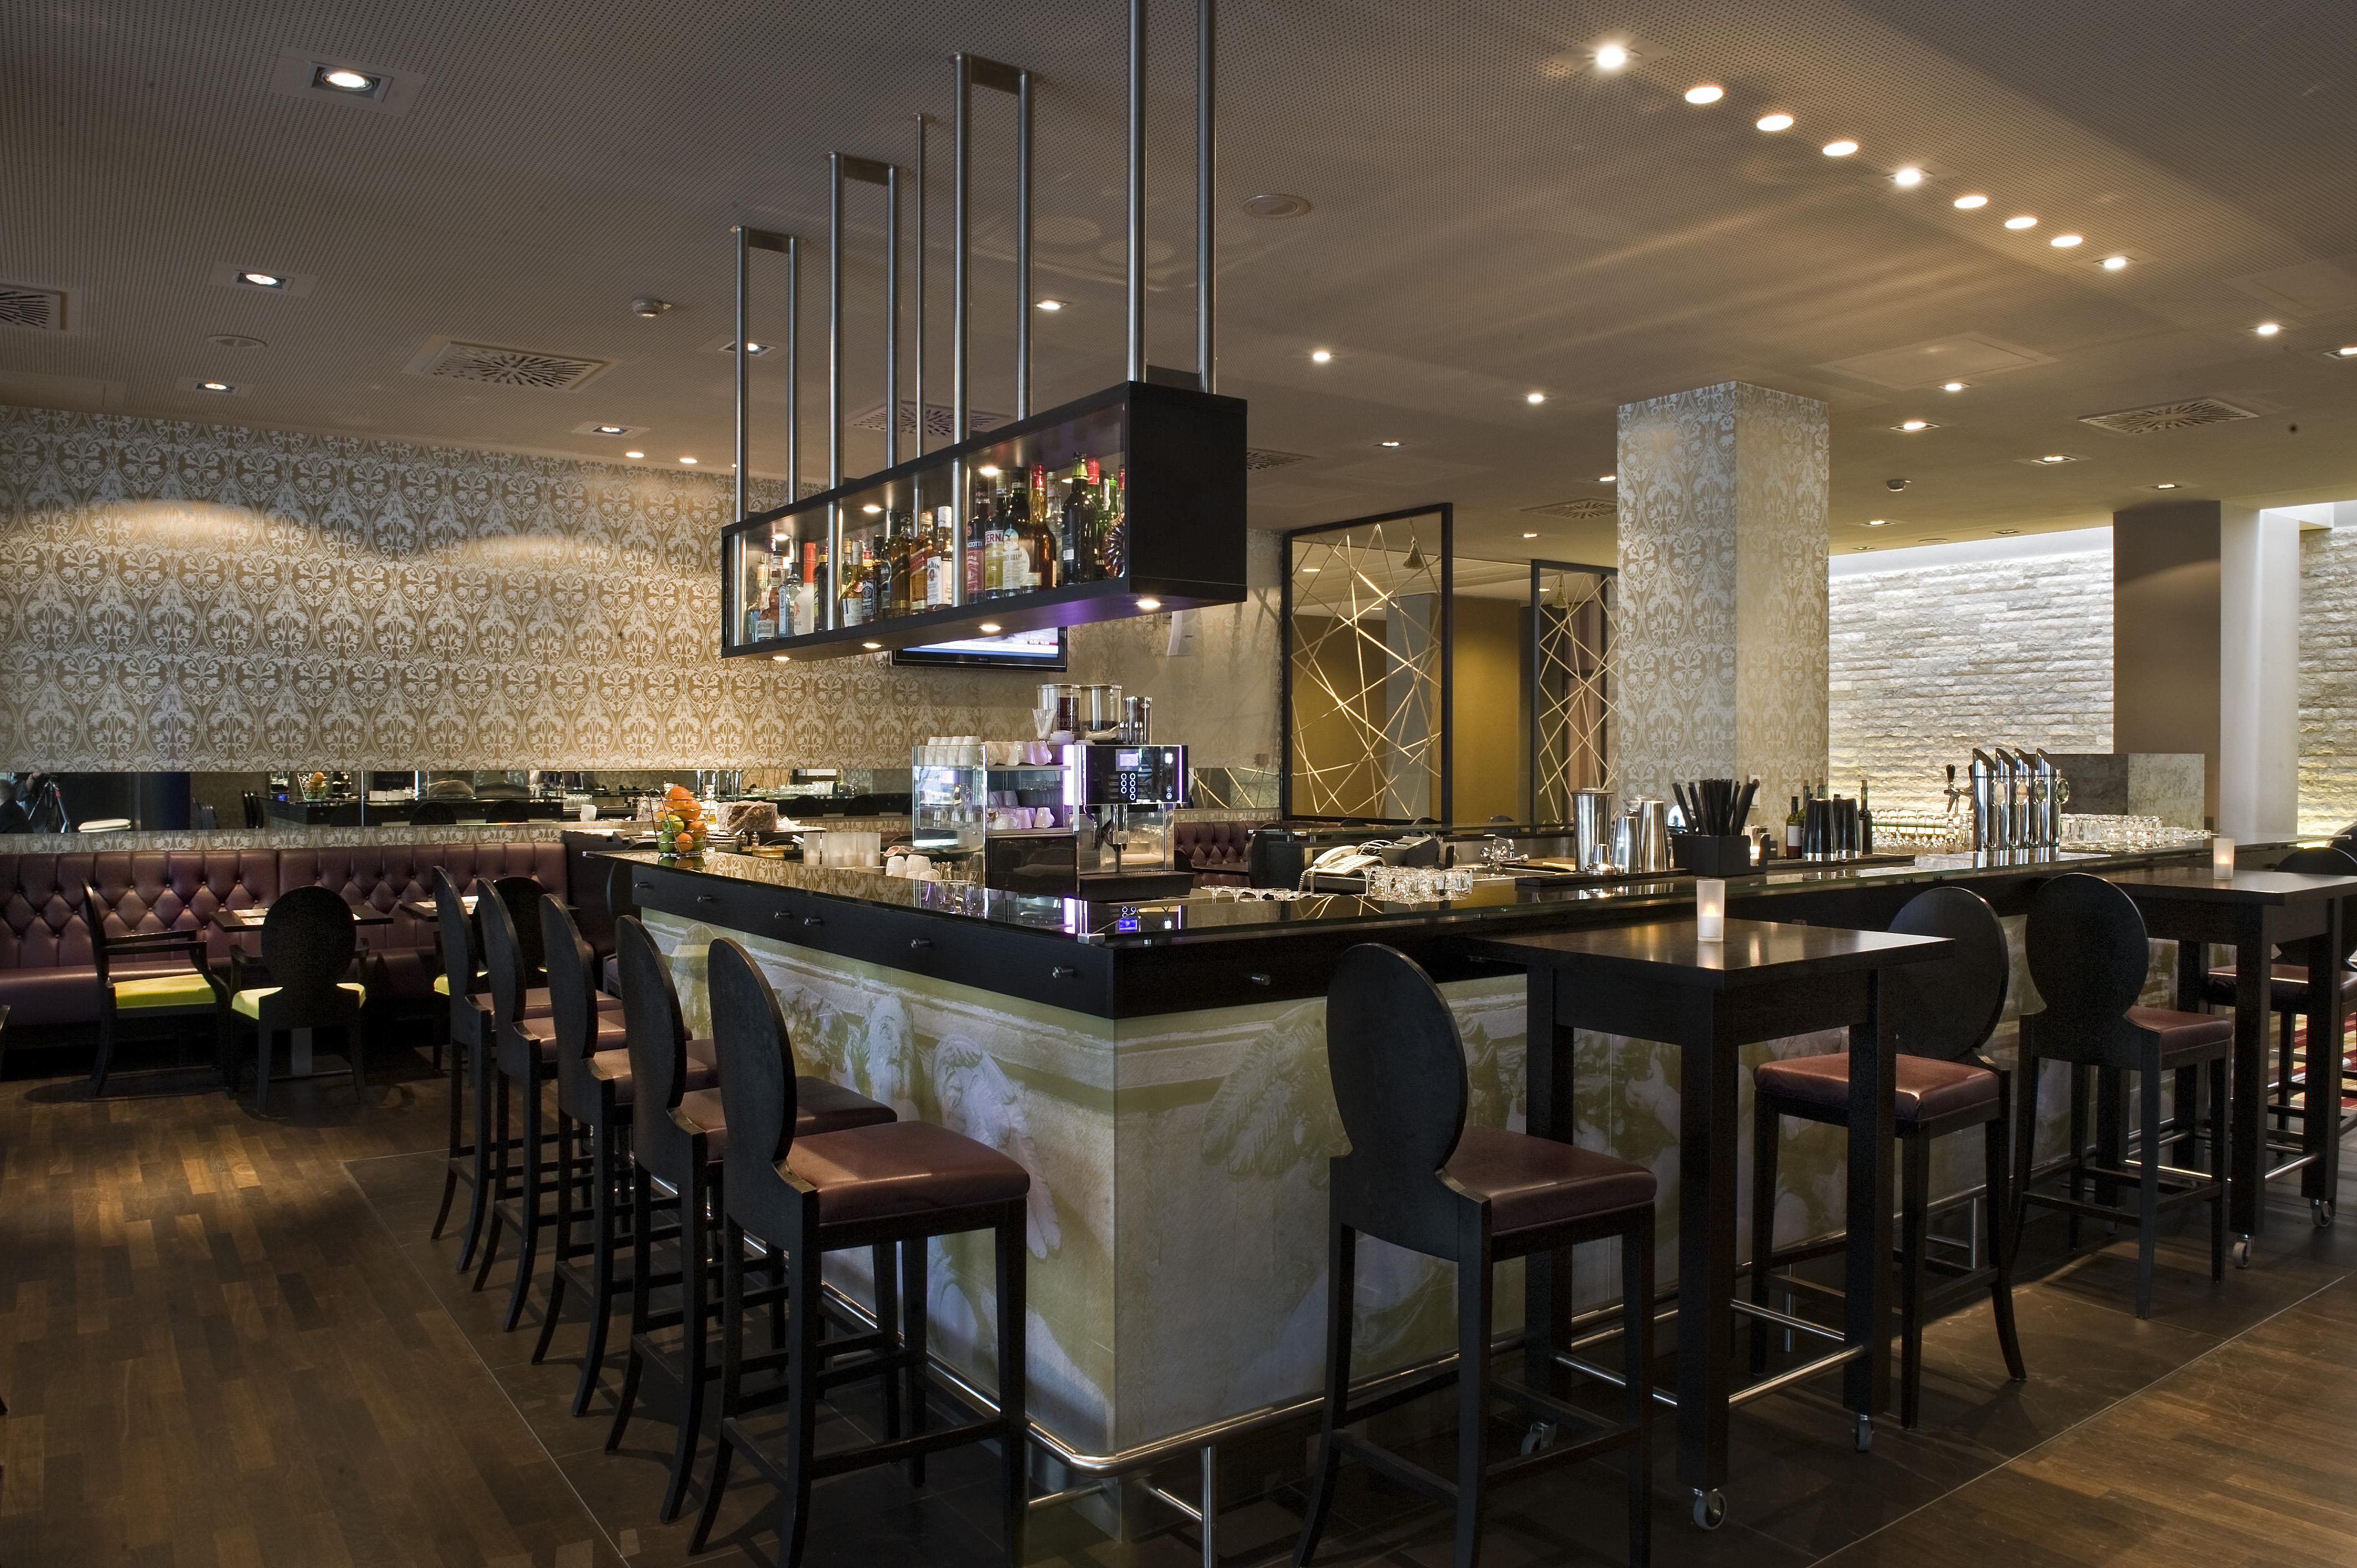 Wyndham grand hotel salzburg conference centre gastronomie for Designhotel salzburg